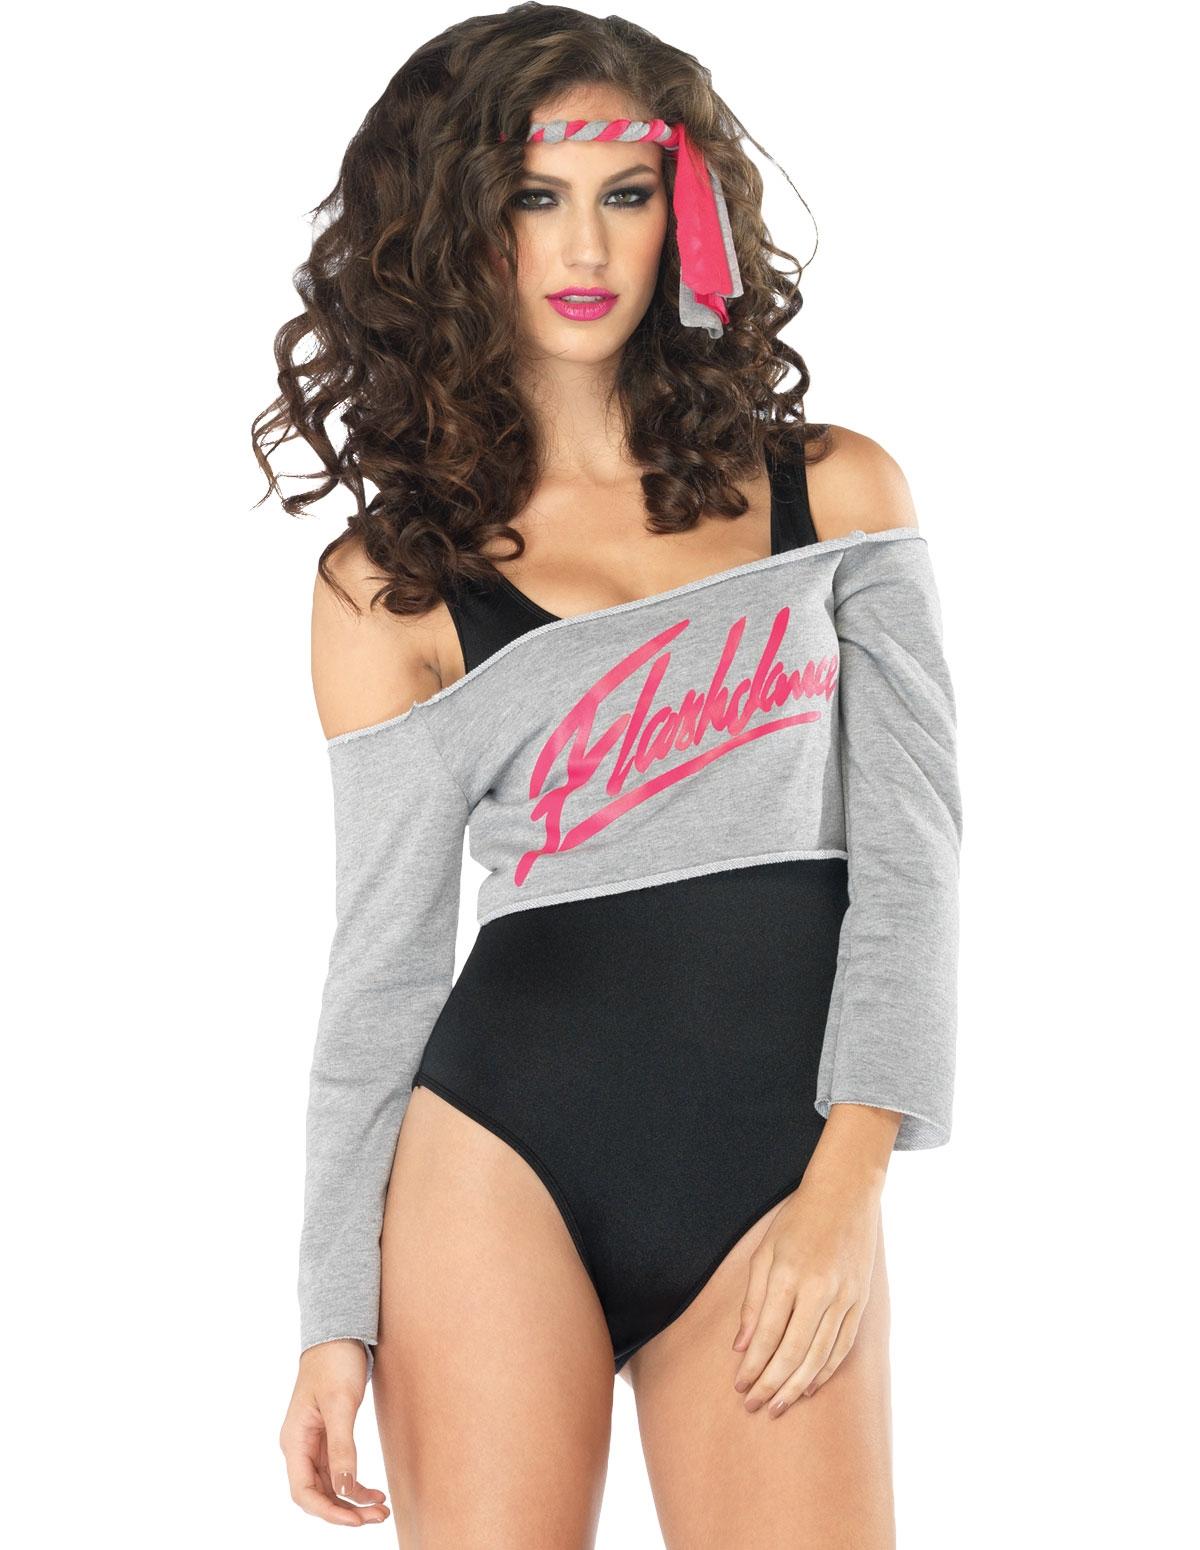 Flashdance Bodysuit Costume